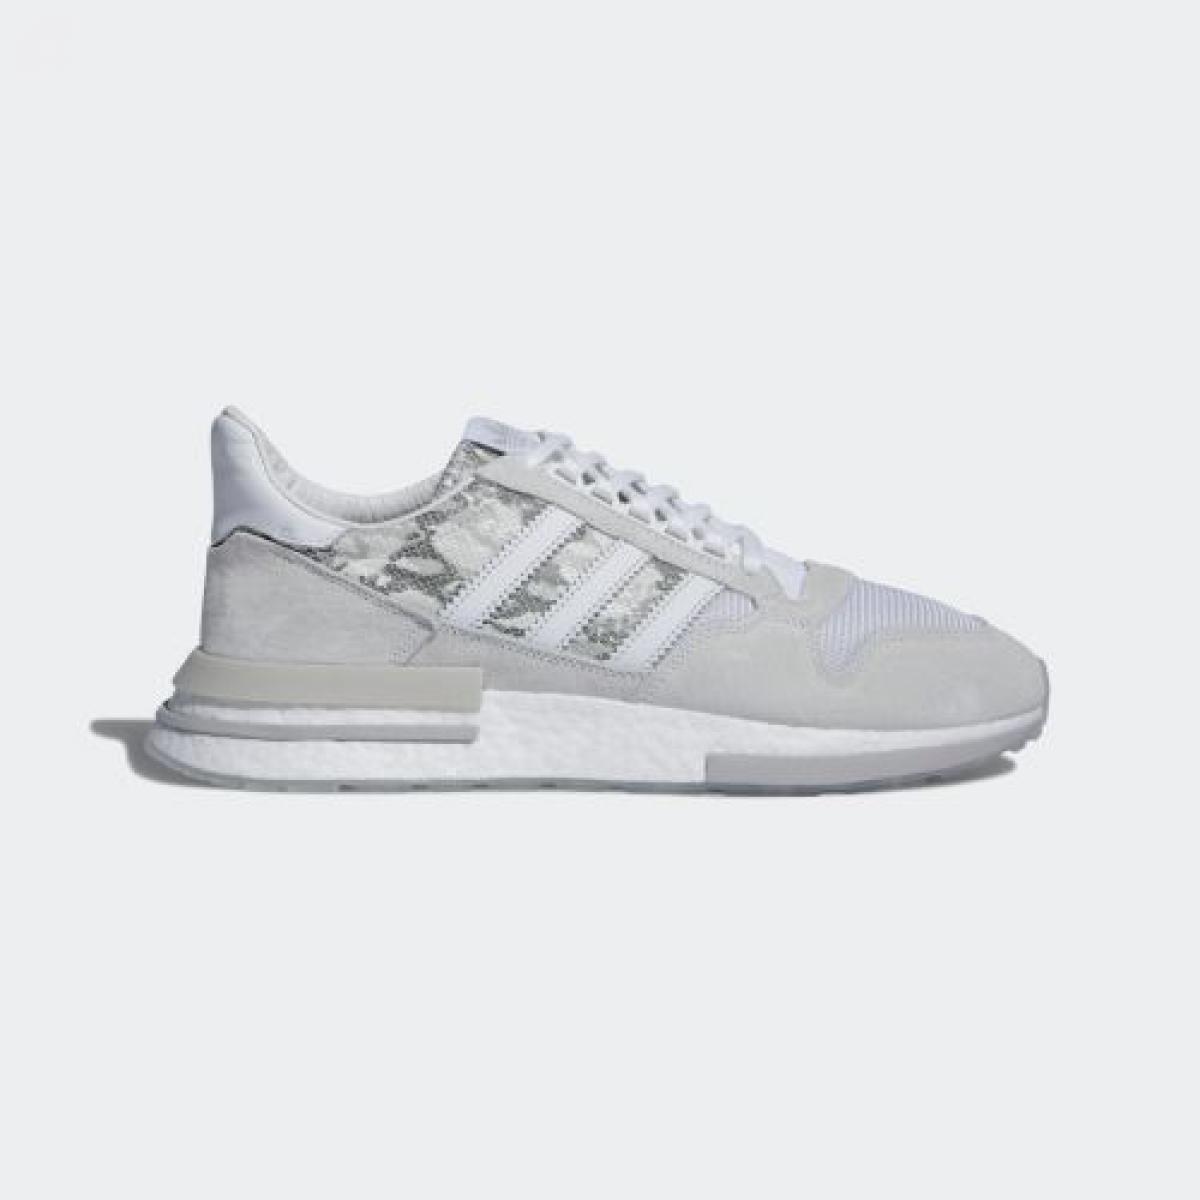 pas cher pour réduction 577bd 3d26c Adidas adidas ZX 500 RM Lady's men originals shoes sneakers BD7873